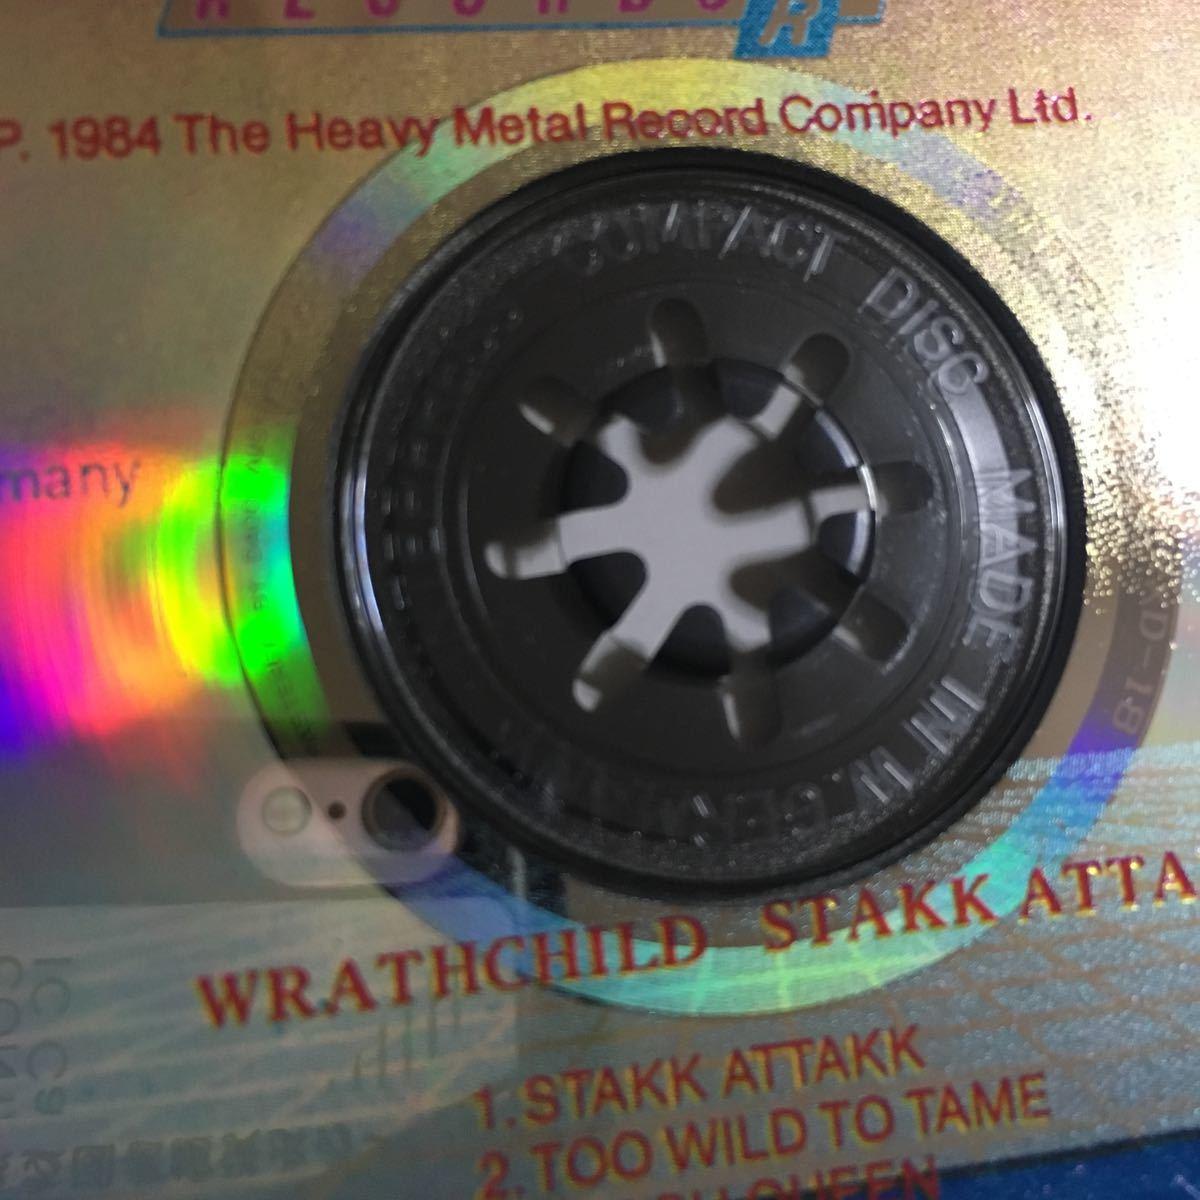 Wrathchild - Stakk Attakk ('88) オリジナル HMR XD 18 激レア_画像3